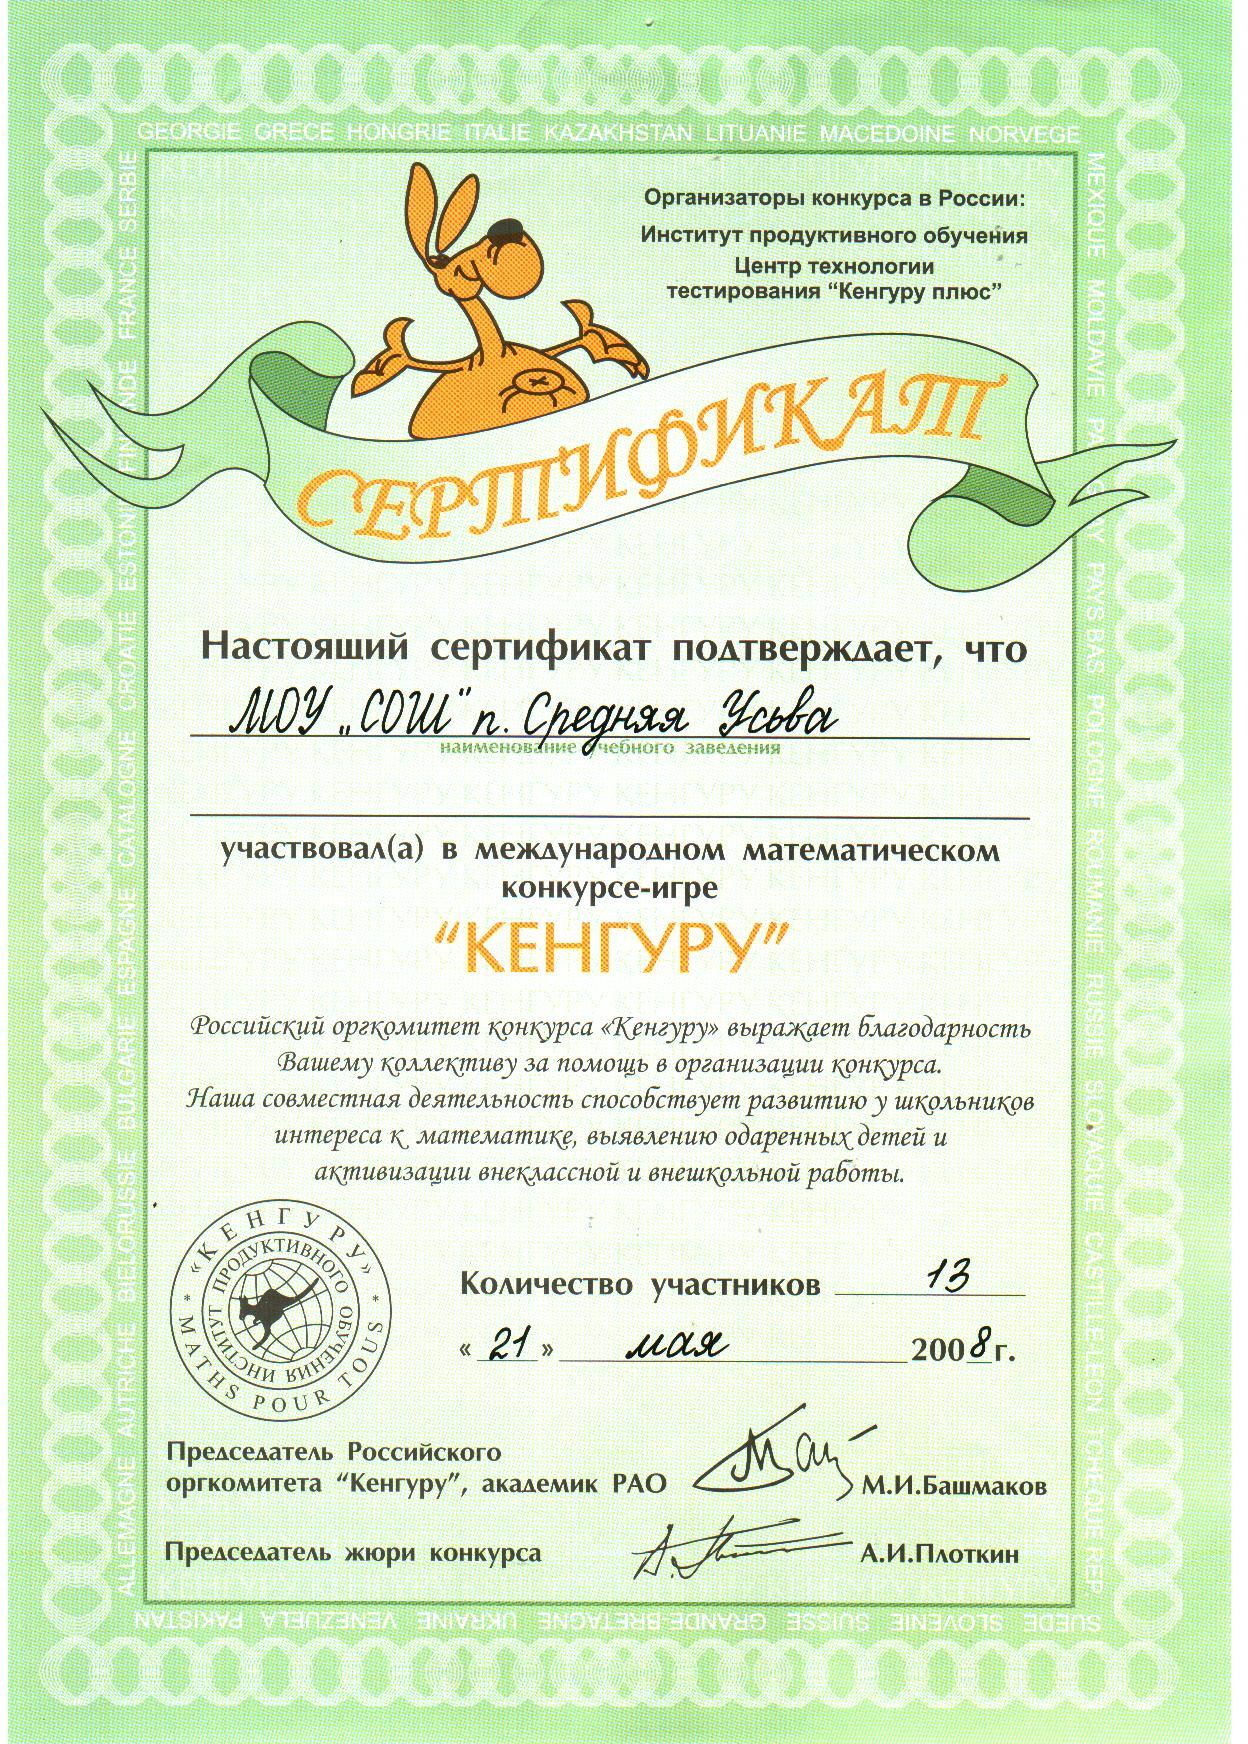 Участие во всероссийском конкурсе кенгуру